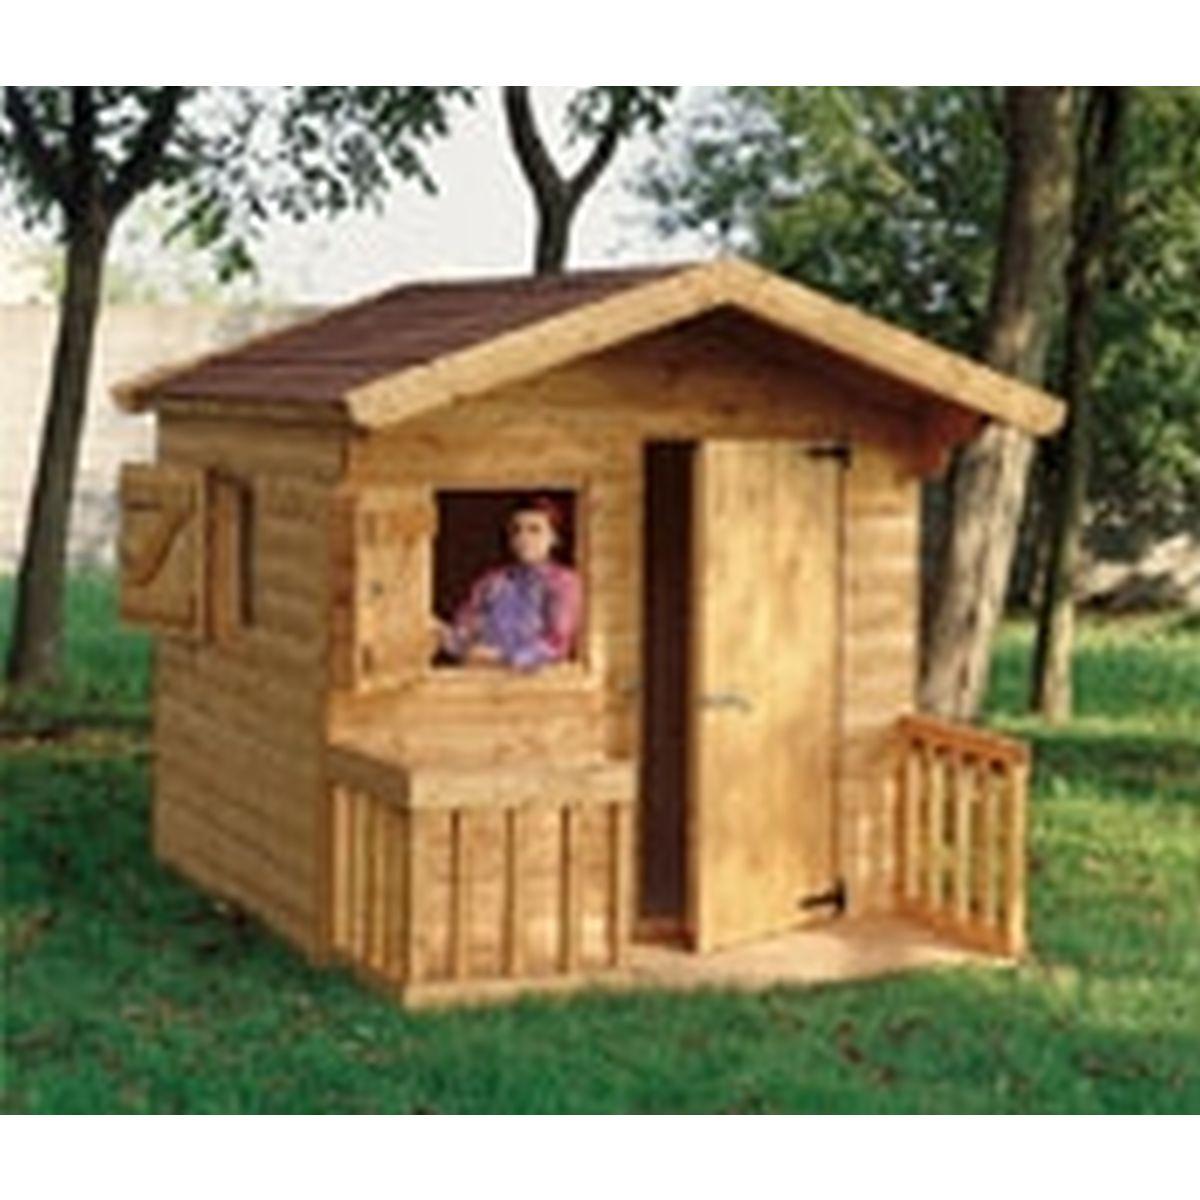 Casetta in legno per bimbi4236 casetta da giardino in for Grande casetta per bambini